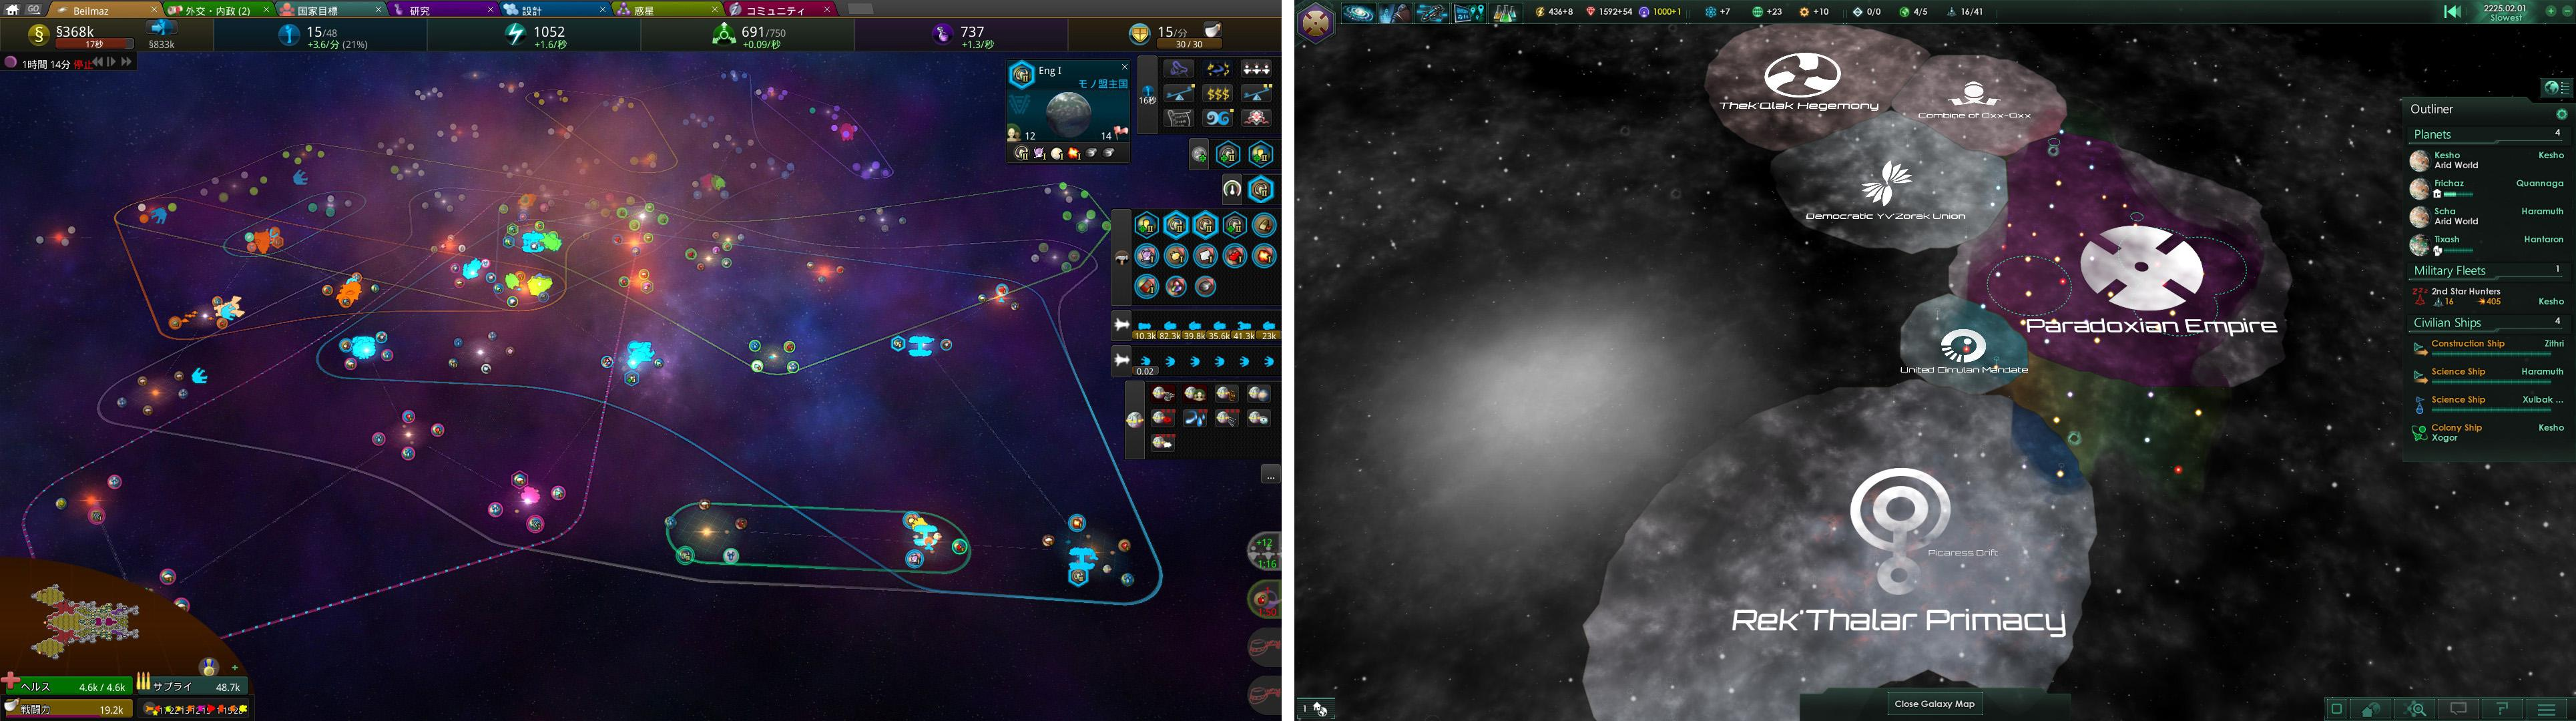 無印版の不満点はほぼ解消されたが、「わかりやすさ」の問題が残る。左画像は本作の銀河全景。右画像は『Stellaris』のもの。領土内に色がつき、国家マークと名前も表示される後者に軍配が上がる。